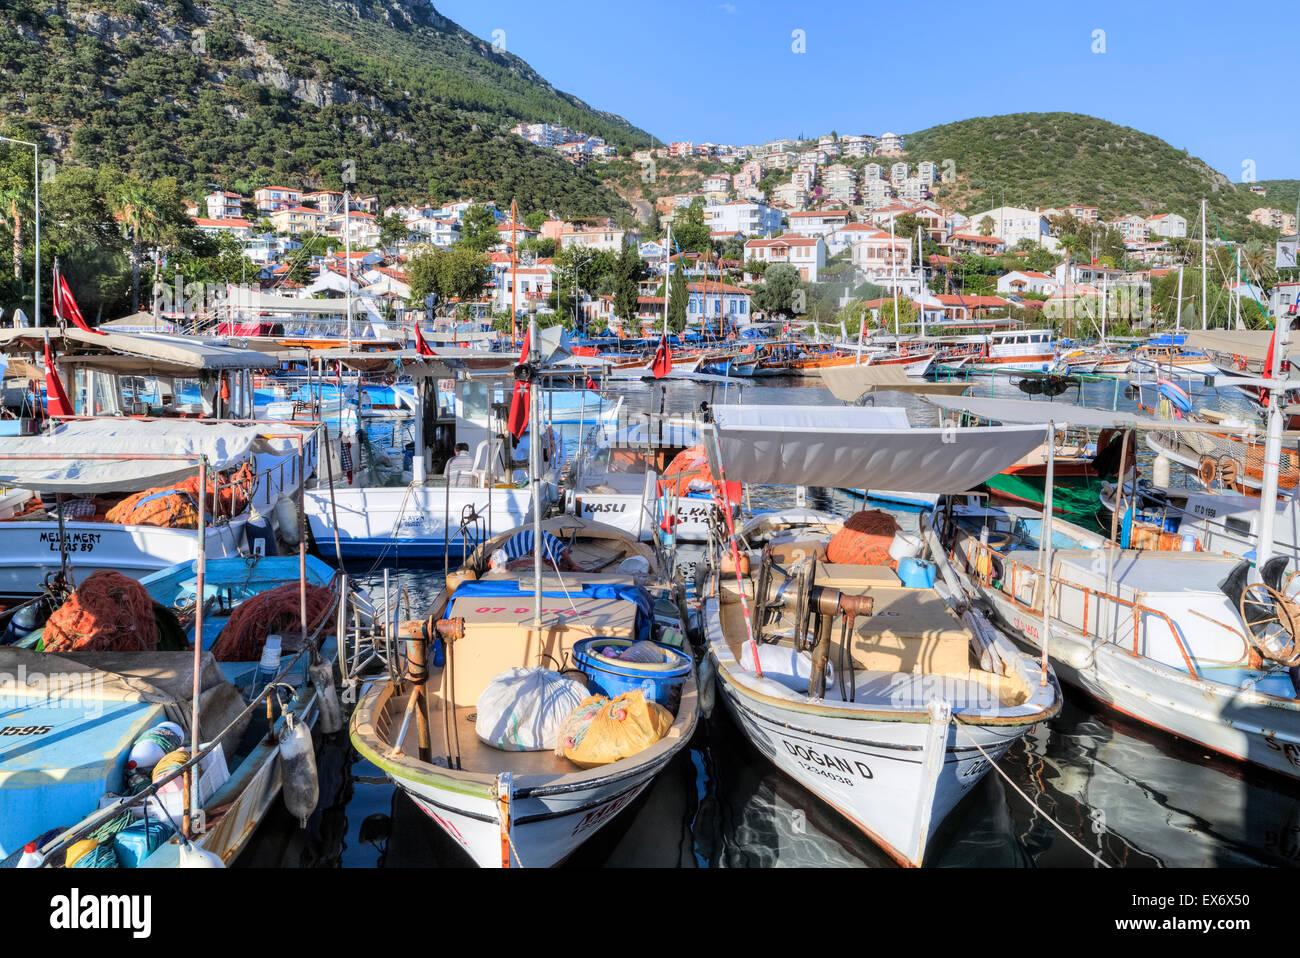 La Kas, Antalya, Turquía, el Mediterráneo Imagen De Stock